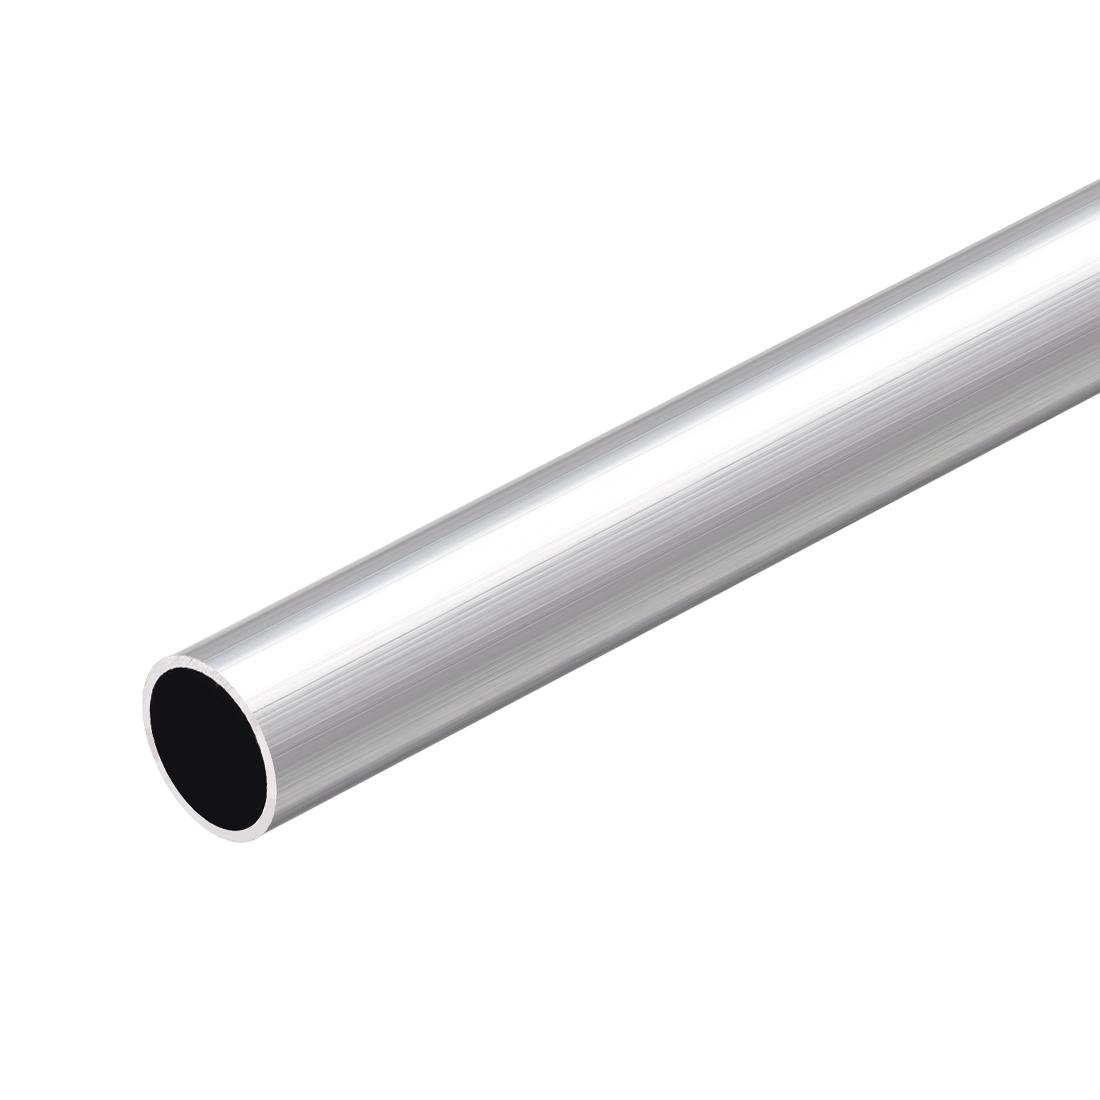 6063 Aluminum Round Tube 300mm Length 17mm OD 14mm Inner Dia Seamless Tubing